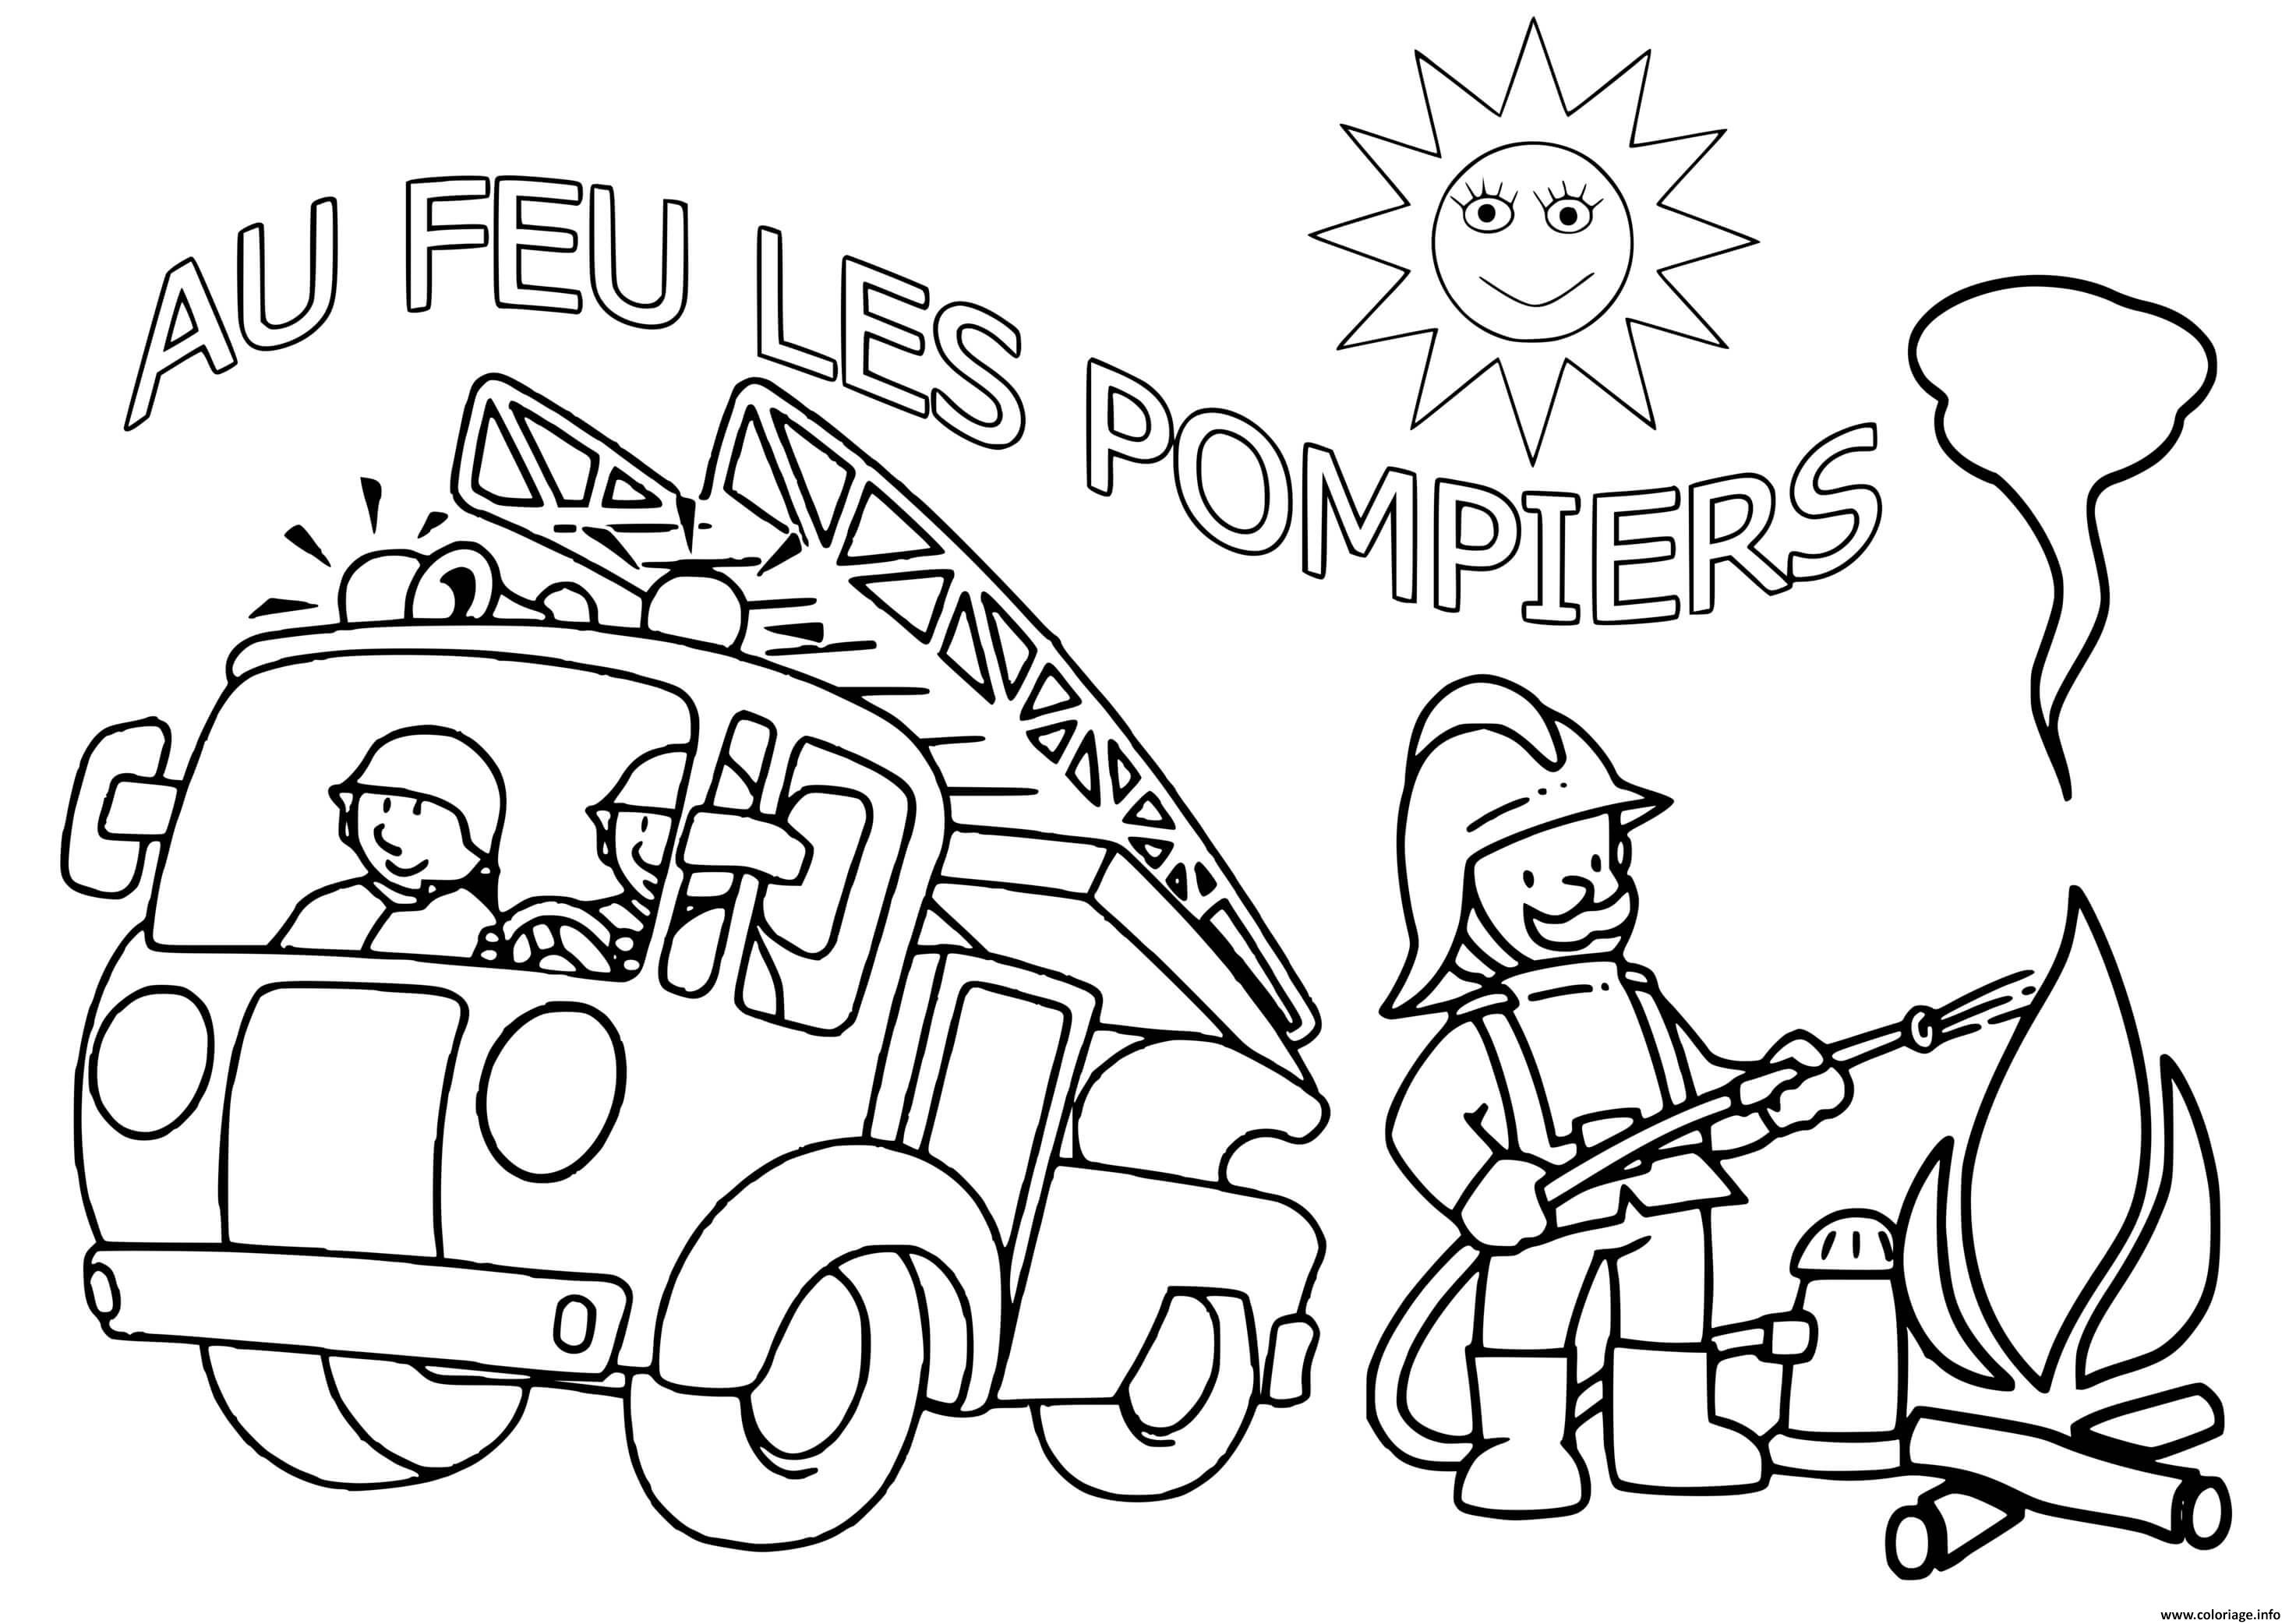 Coloriage Au Feu Les Pompiers Dessin Camion De Pompier A Imprimer